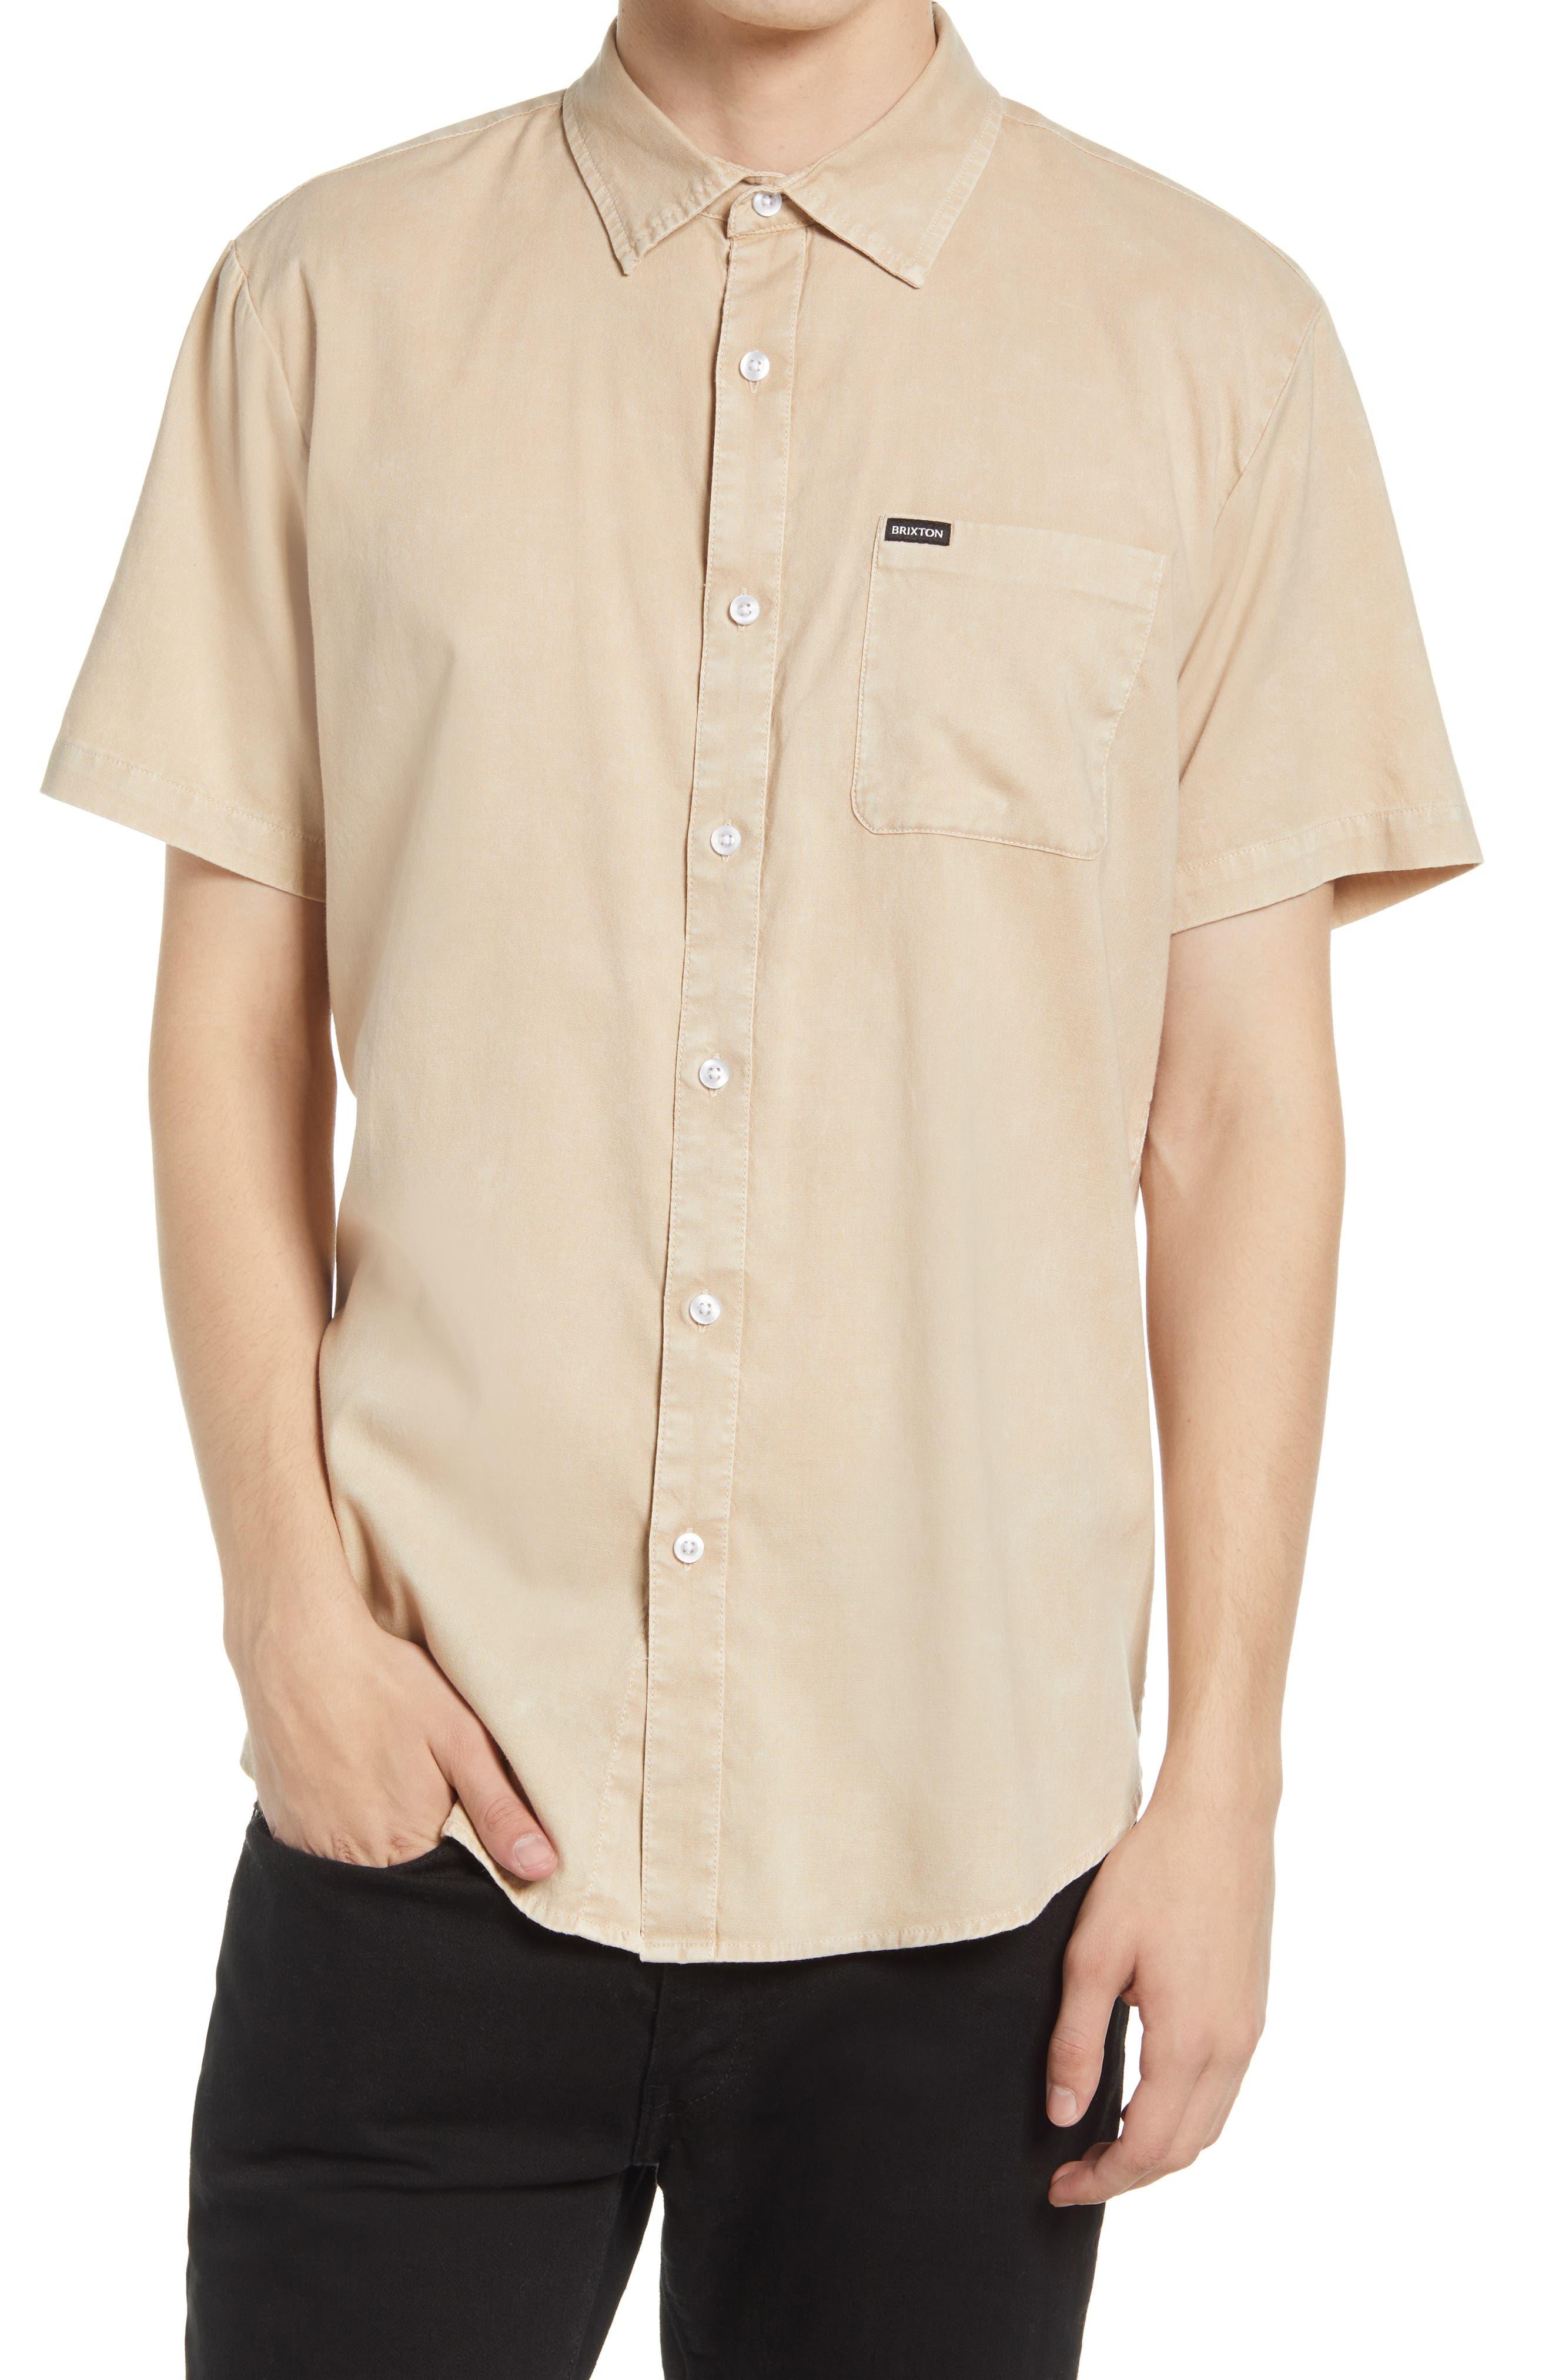 Charter Oxford Woven Short Sleeve Button-Up Shirt